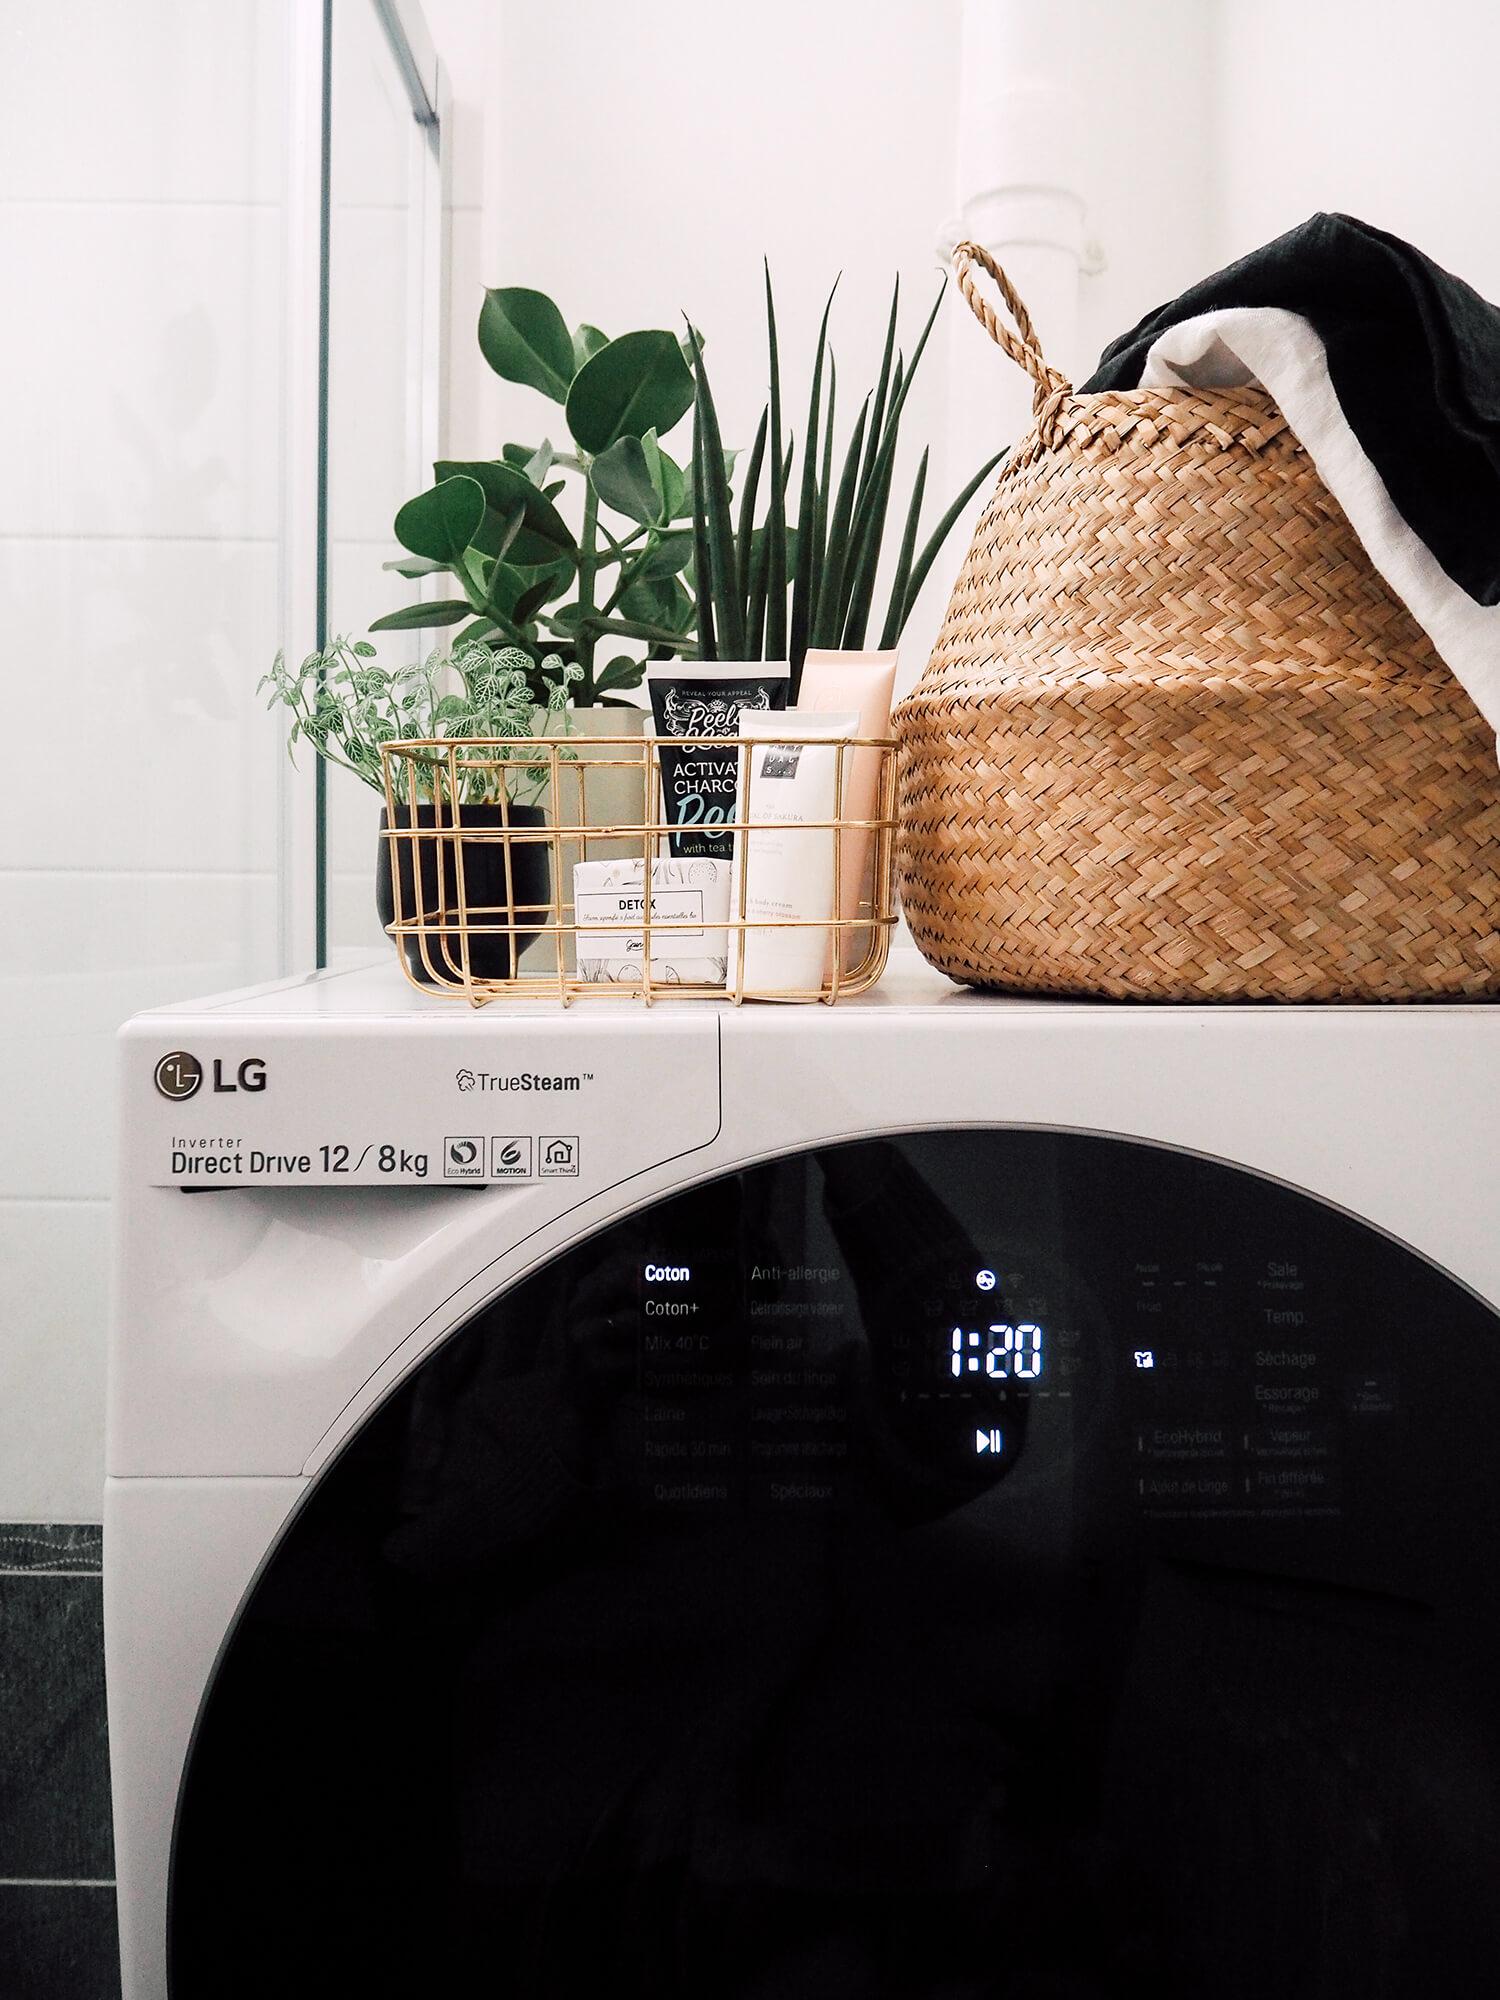 Le lave-linge TWINWash LG, quand l'utile devient beau